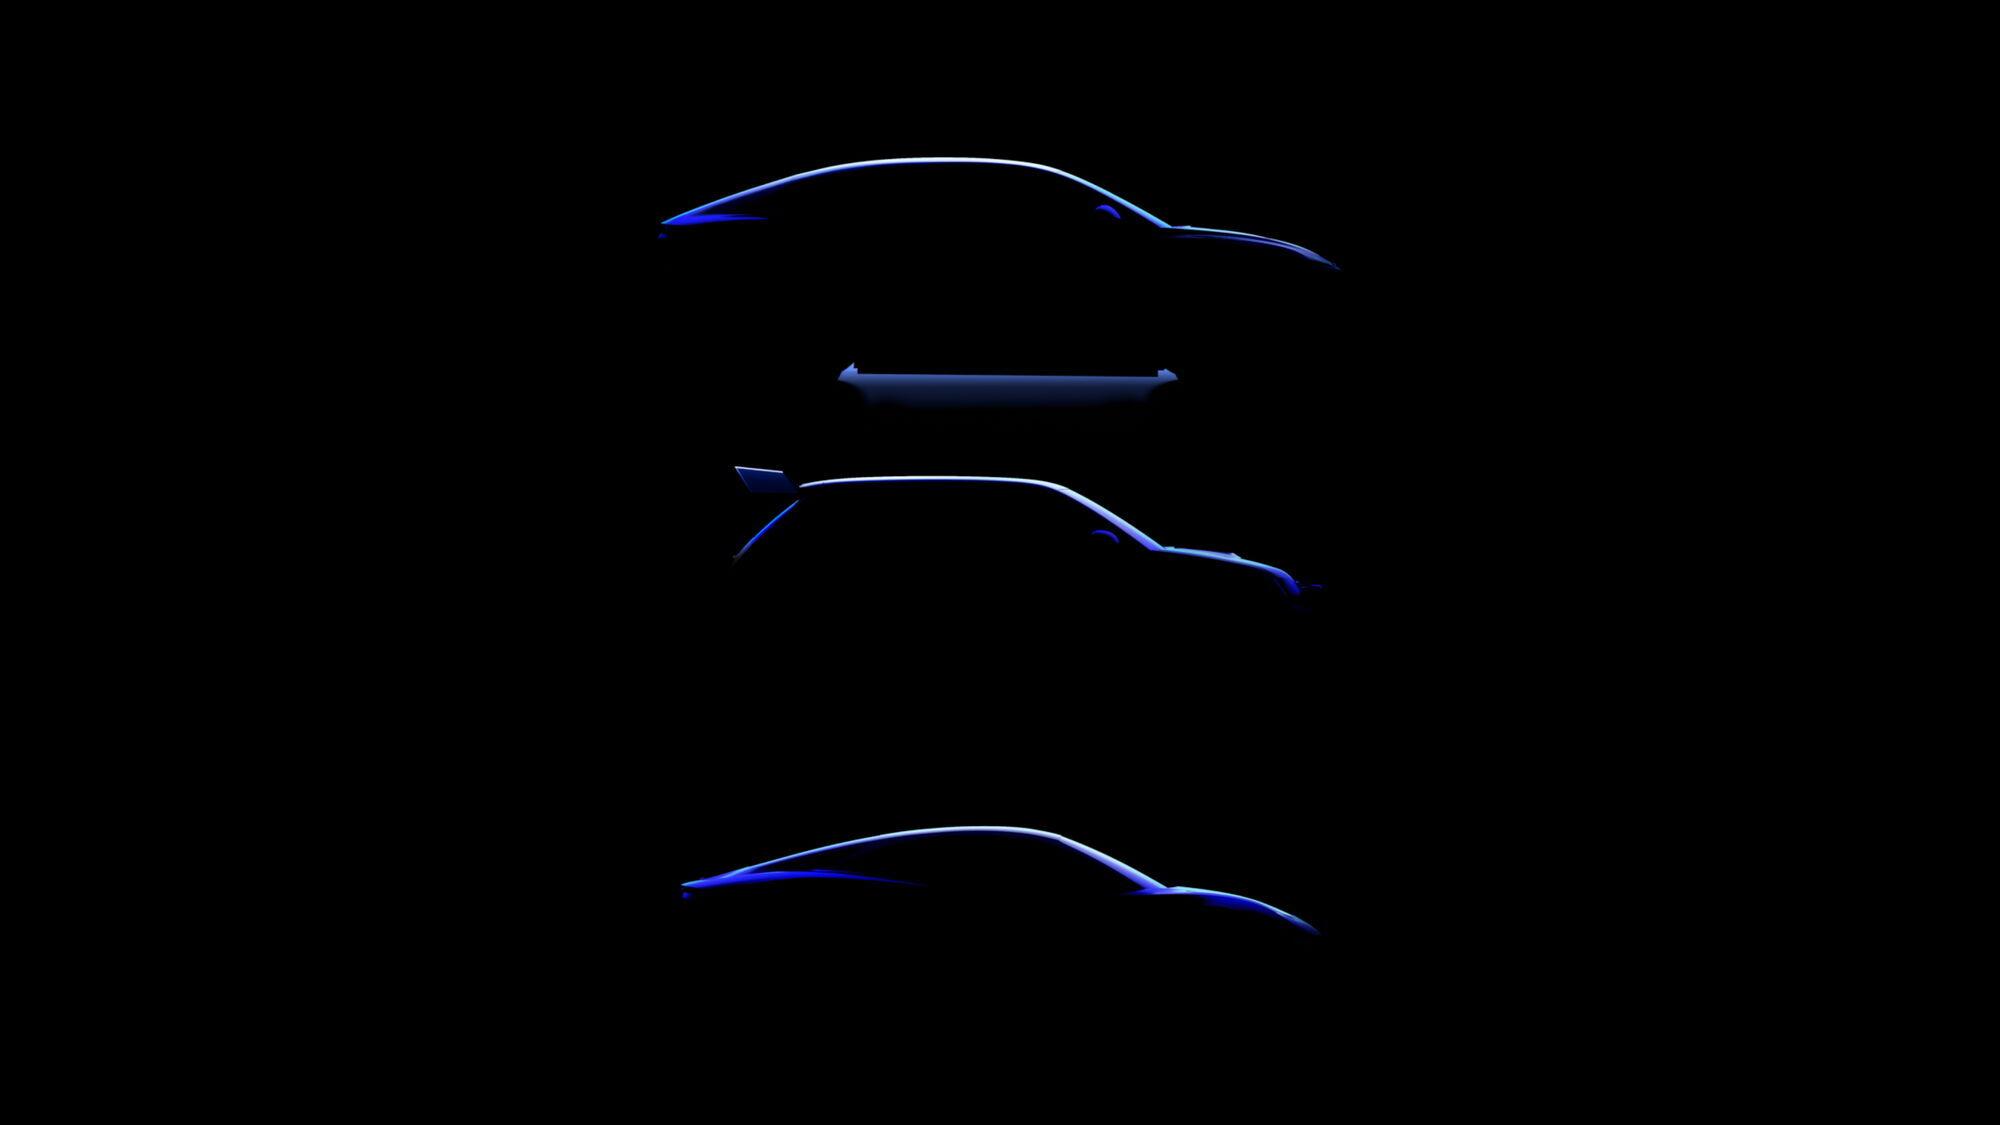 К 2025 году под брендом Renault будут предлагаться 7 новых электромобилей